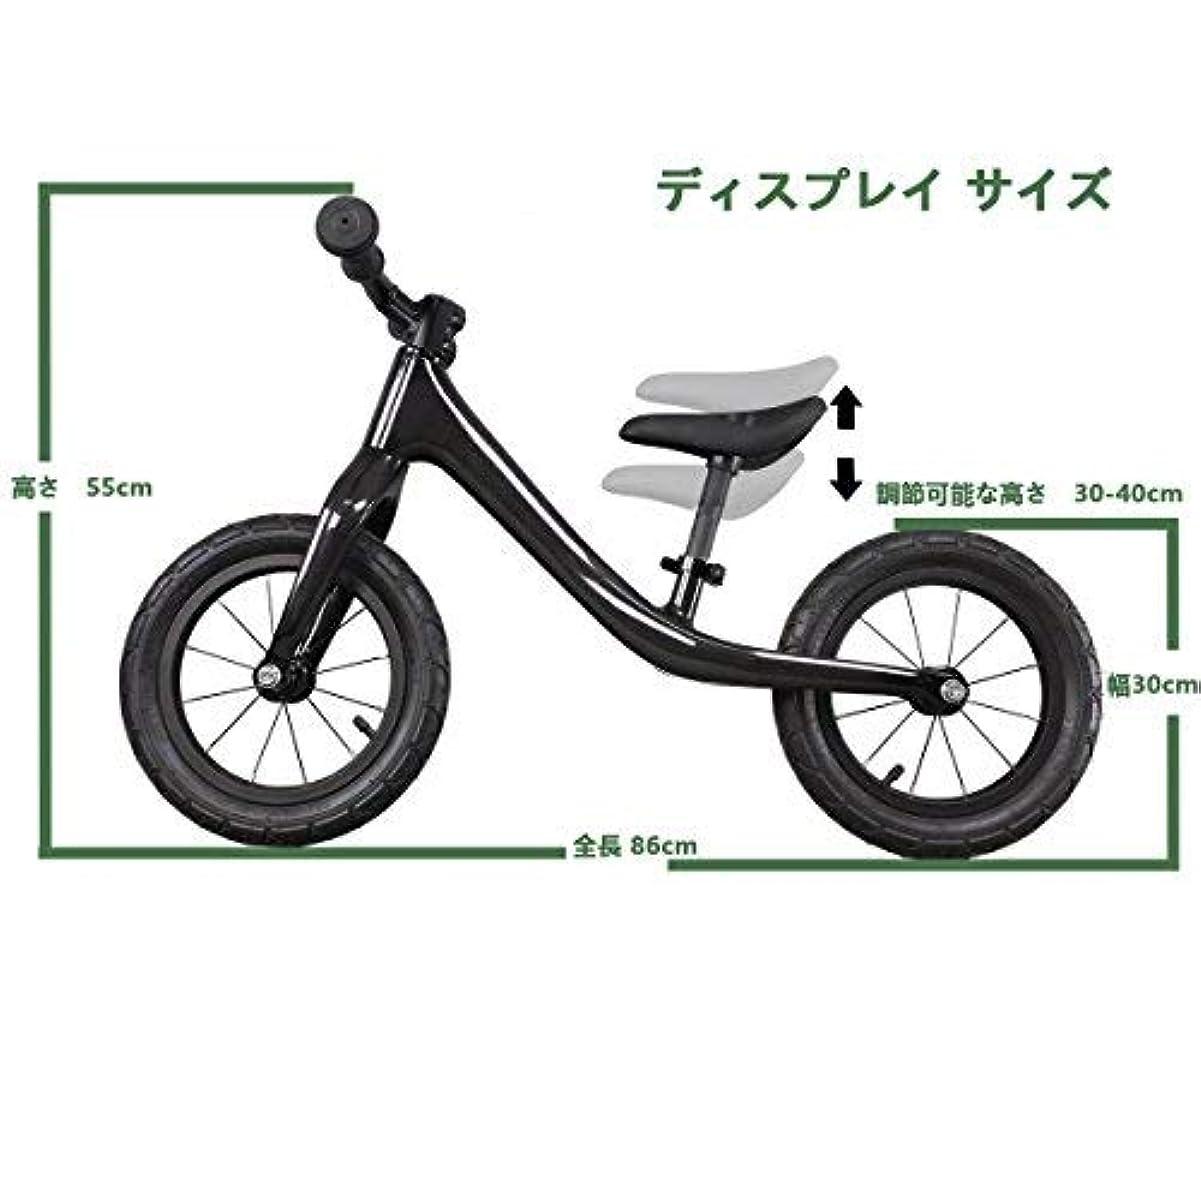 ルビー紫の独立ICAN(アイカン)2018モデル CR01カーボン自転車 約2.6㎏で、最軽量!子供に向ける自転車!